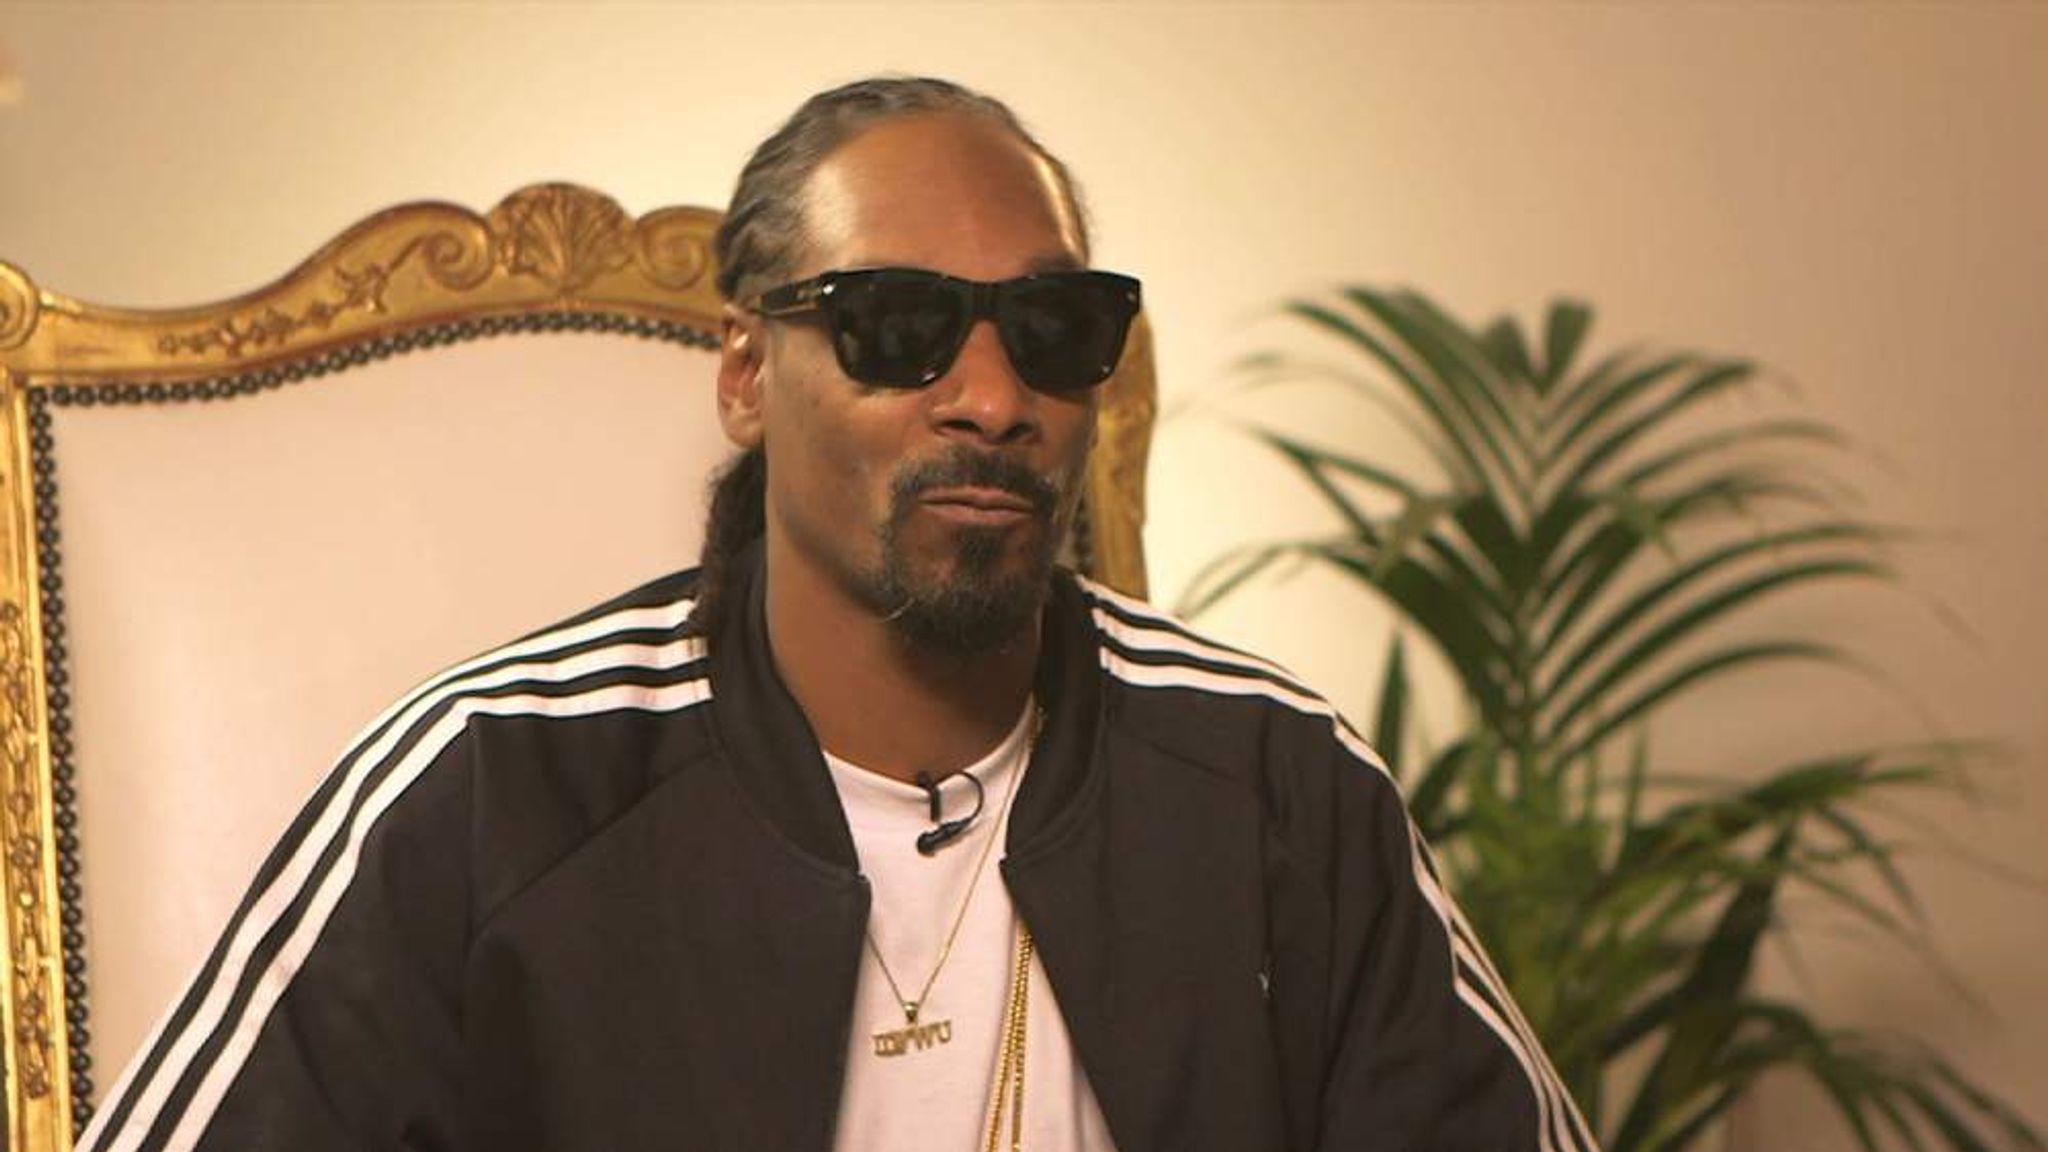 Снуп дог клип с порно, Snoop Dogg So Sexy клип песни смотреть онлайн 19 фотография